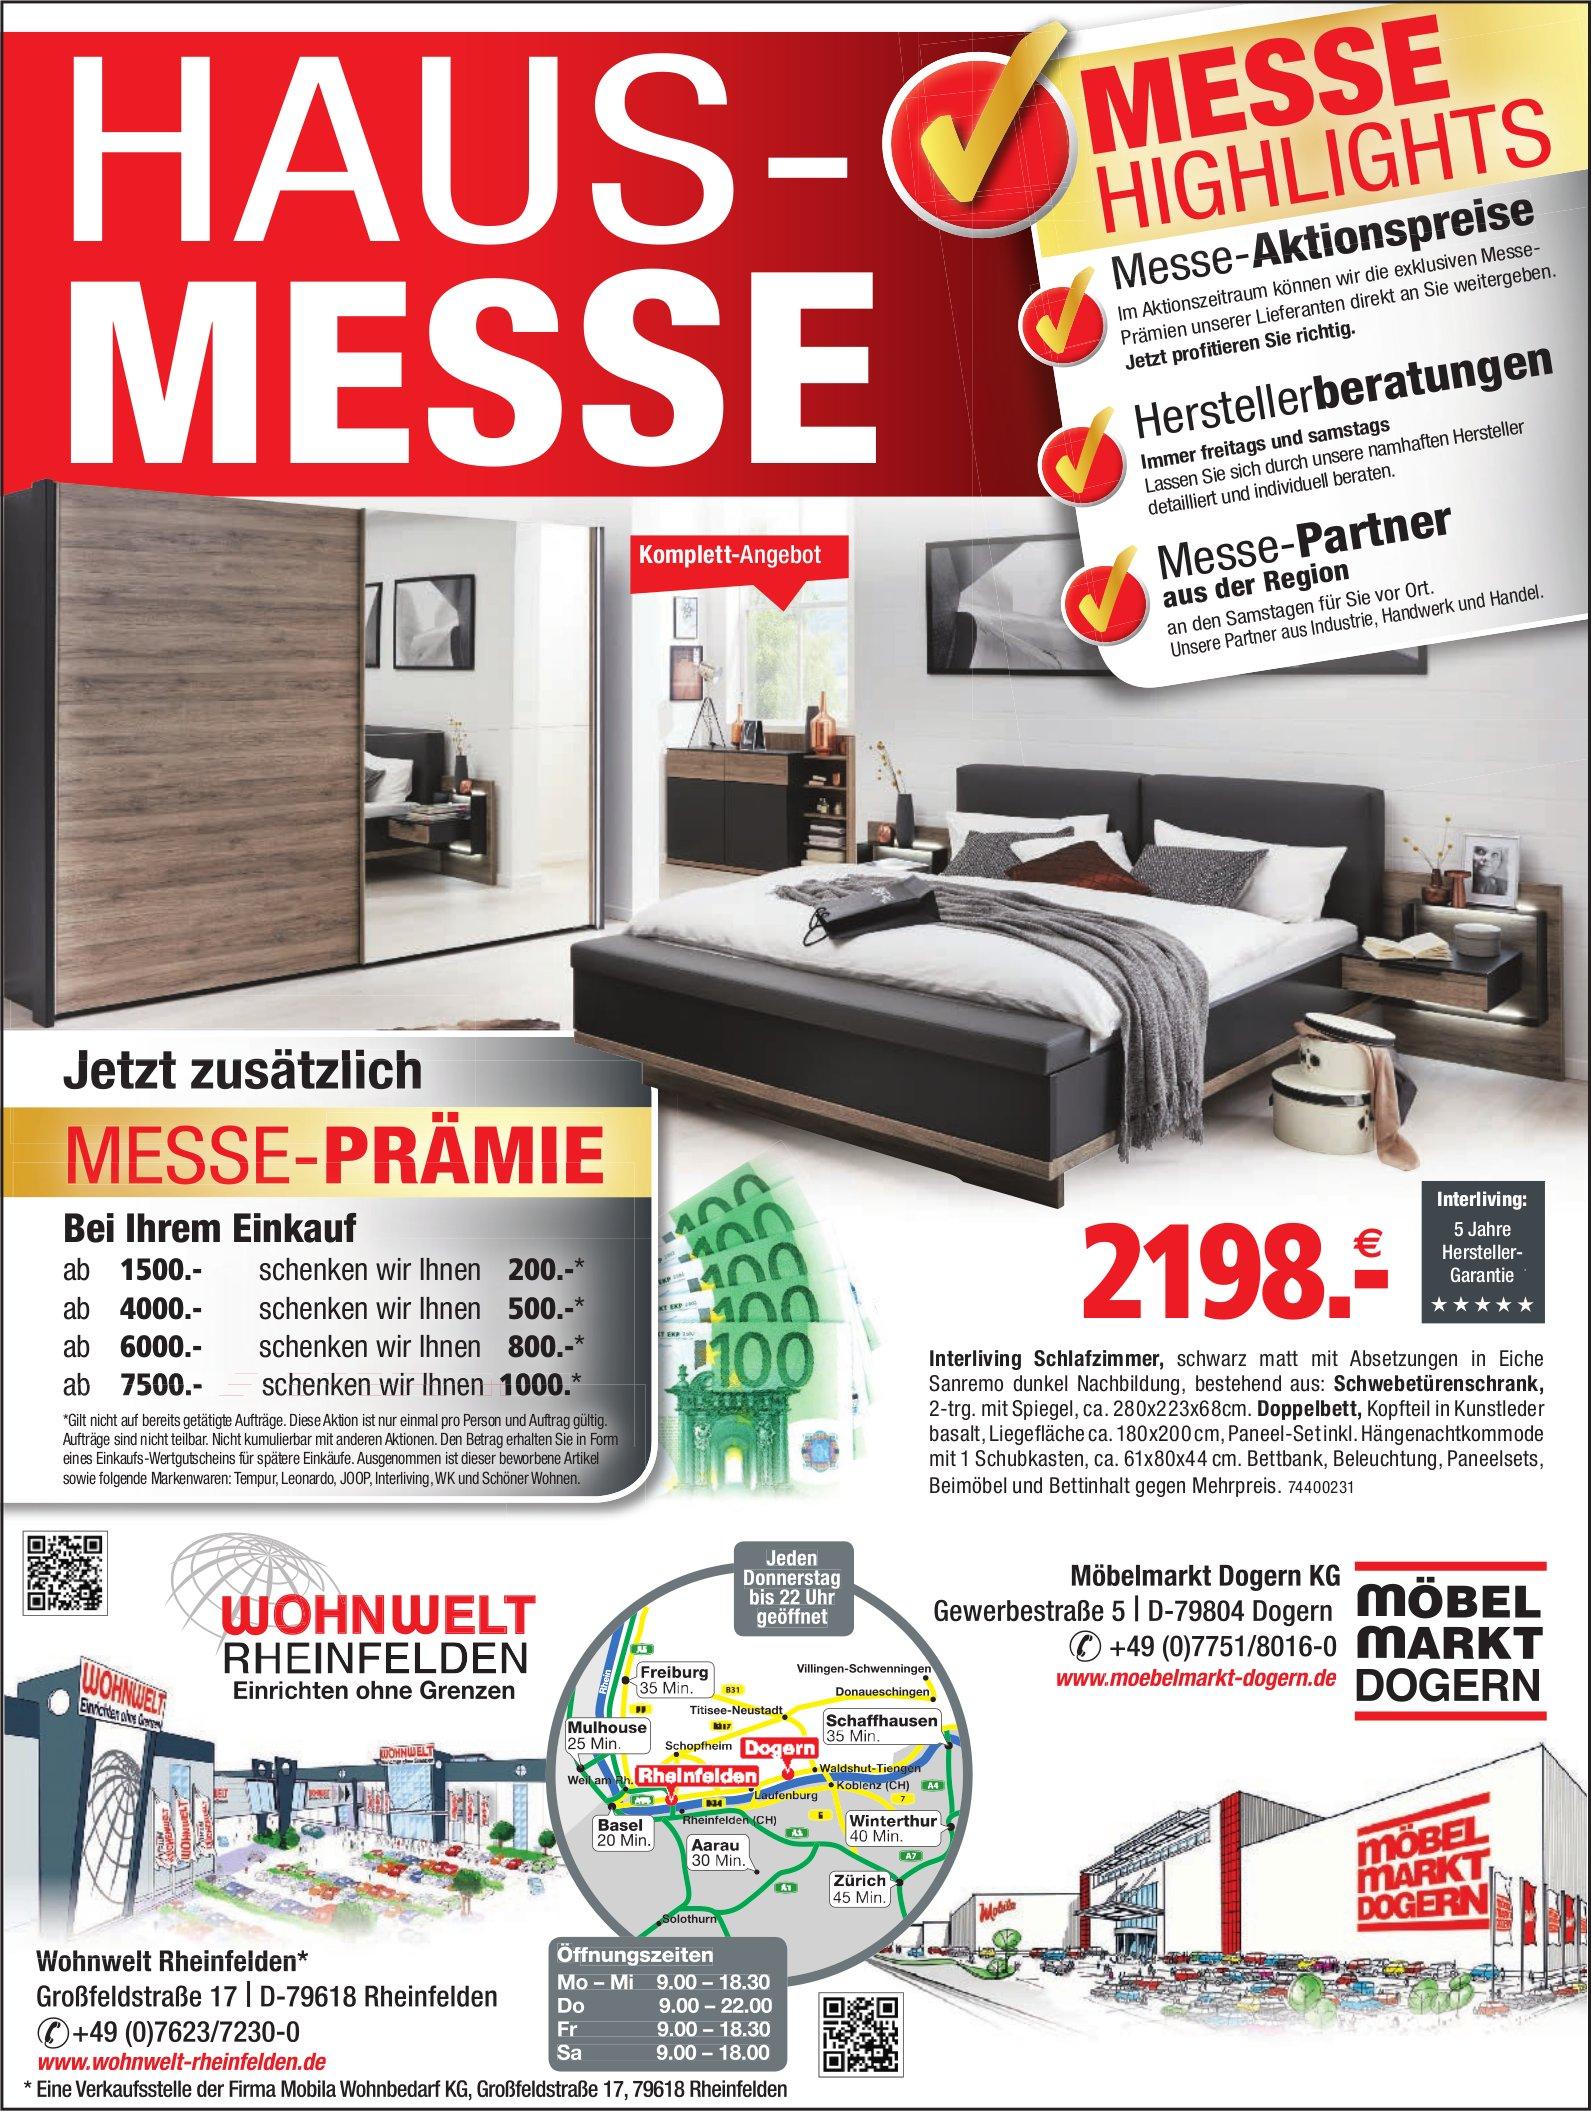 Wohnwelt Rheinfelden Möbelmarkt Dogern Kg Hausmesse